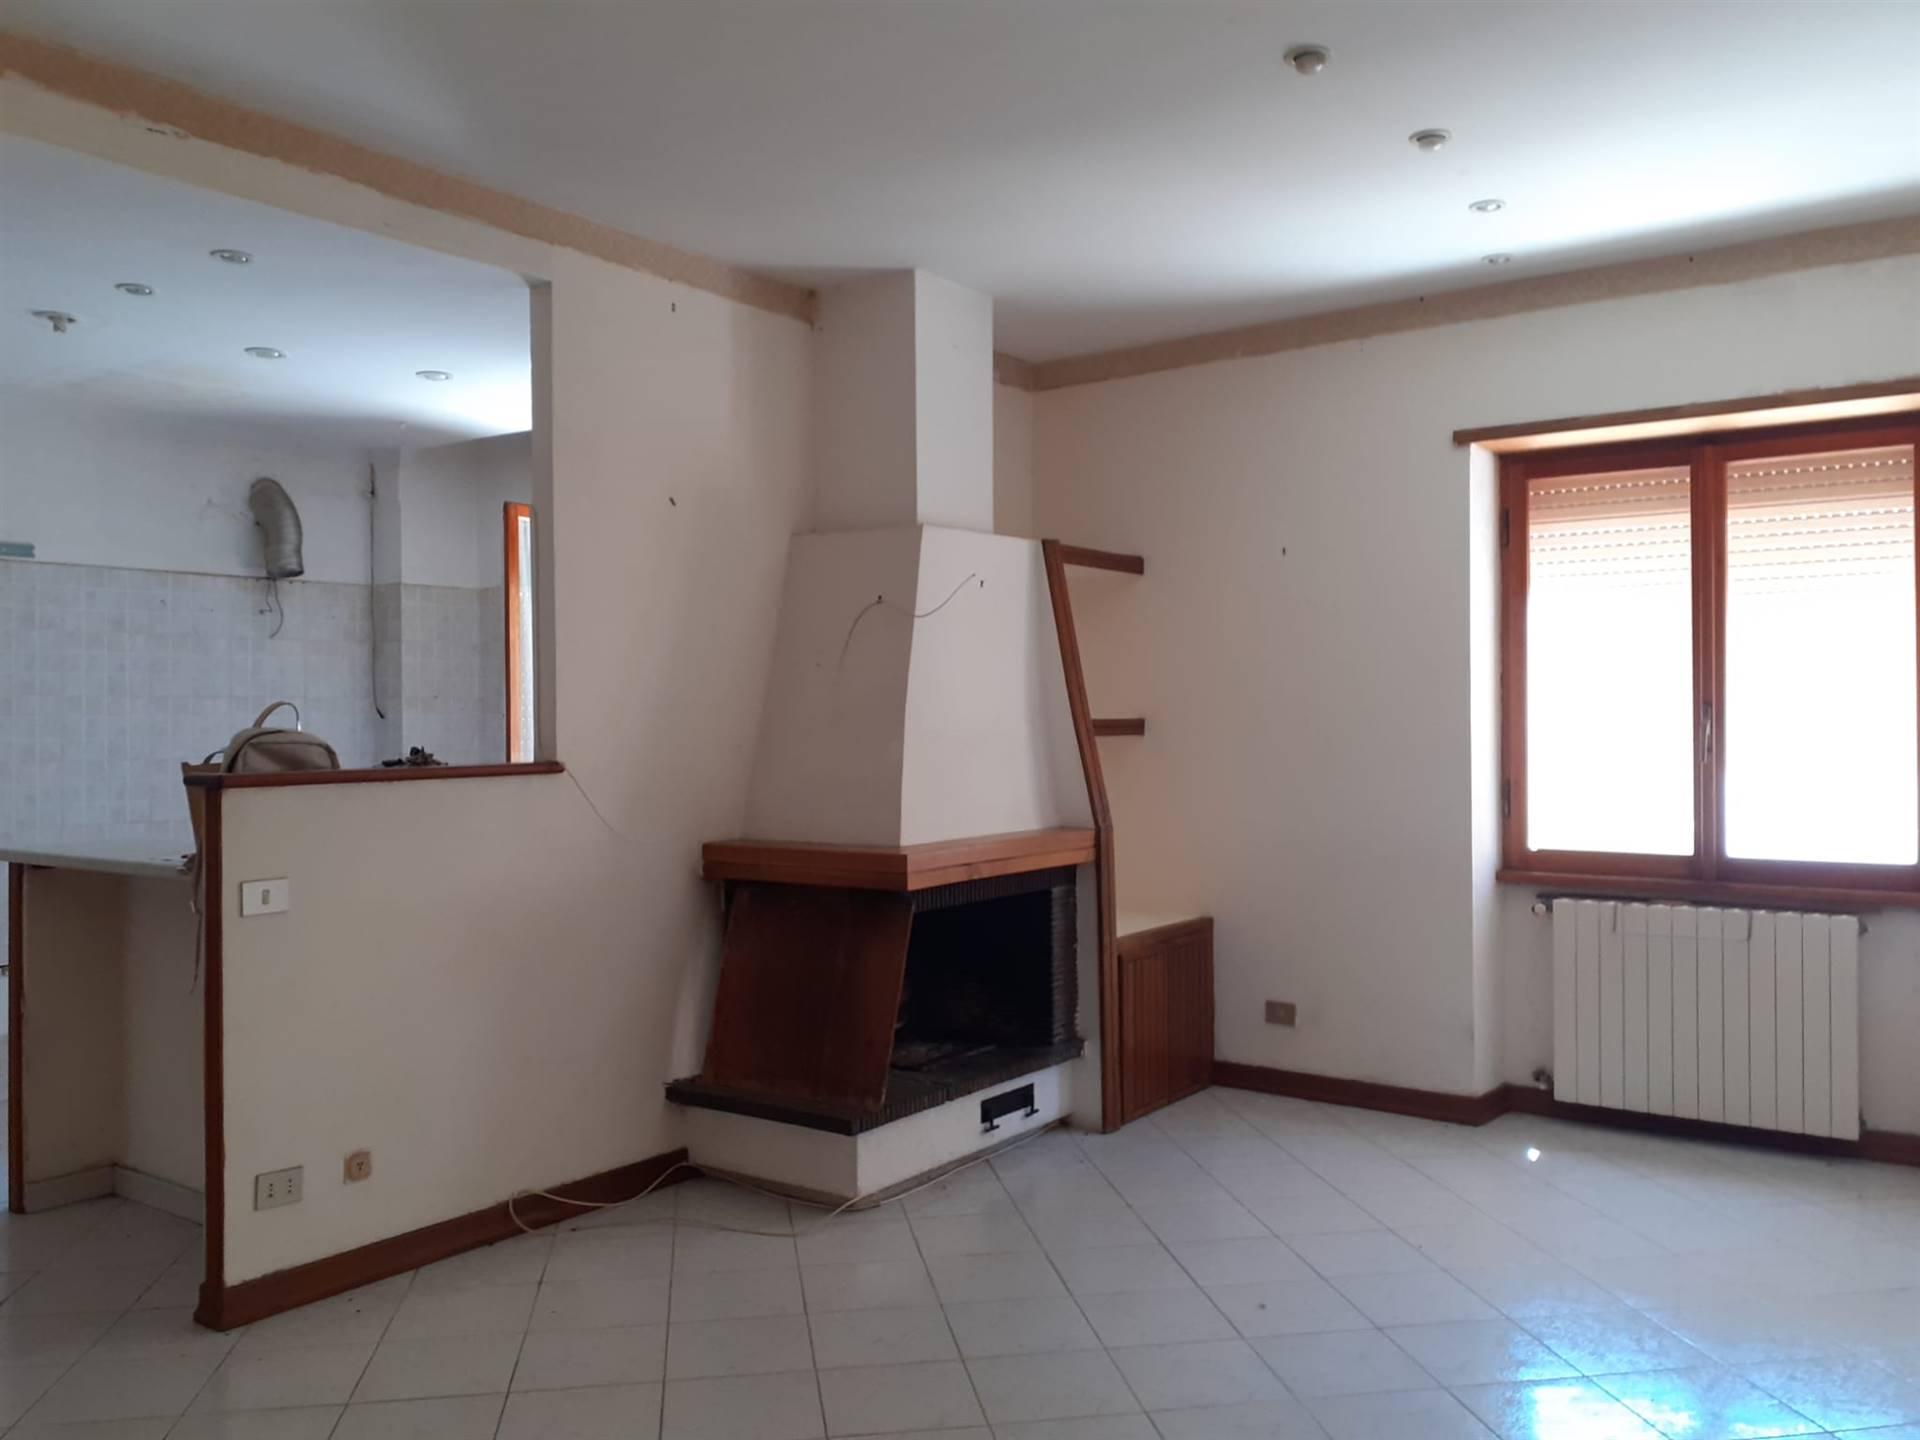 Appartamento Quadrilocale non arredato collocato in zona centralissima, vicino ai principali servizi di interesse della citta, a pochi passi dal